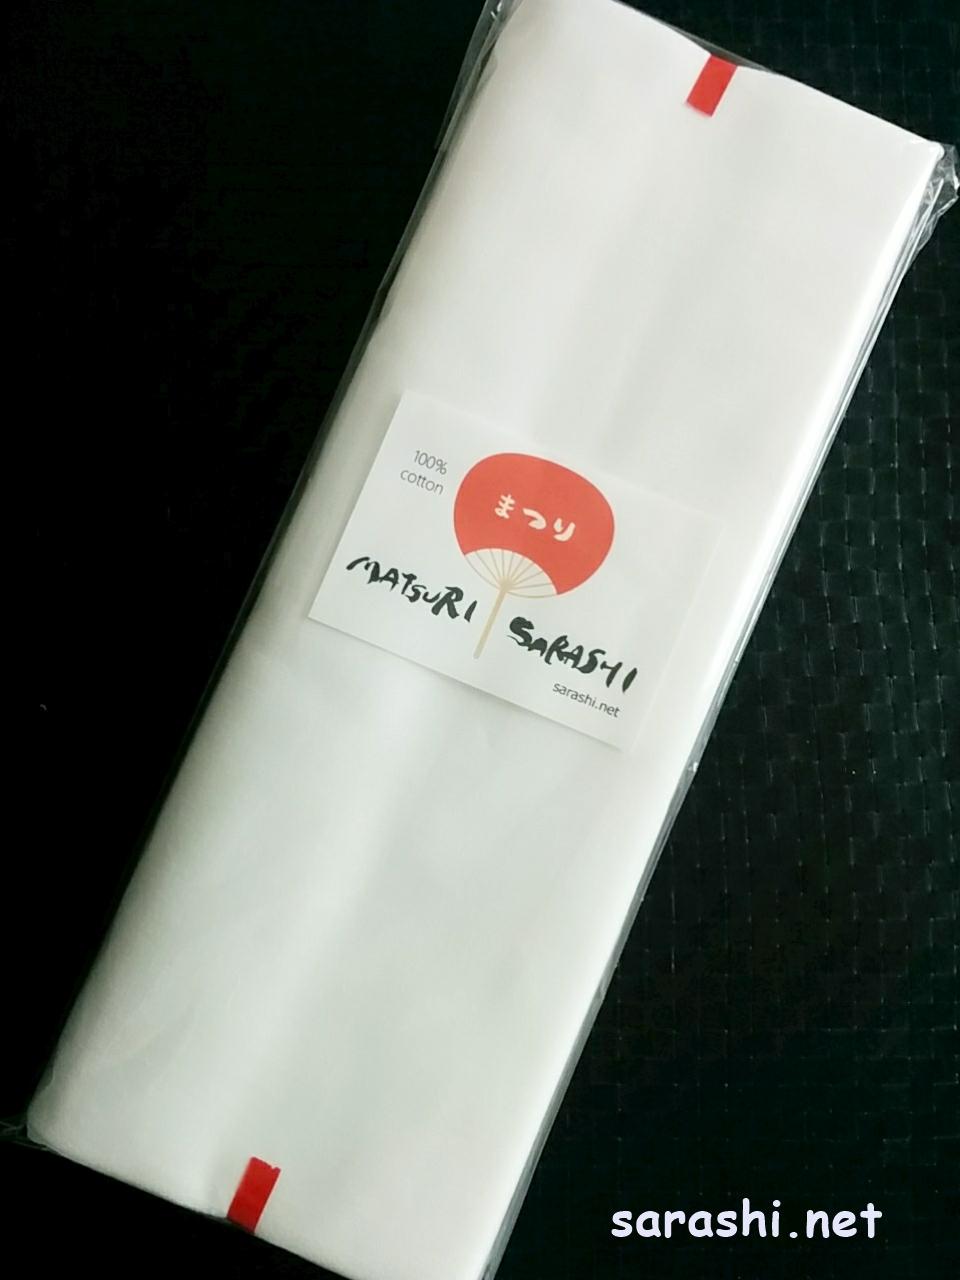 Matsuri Sarashi